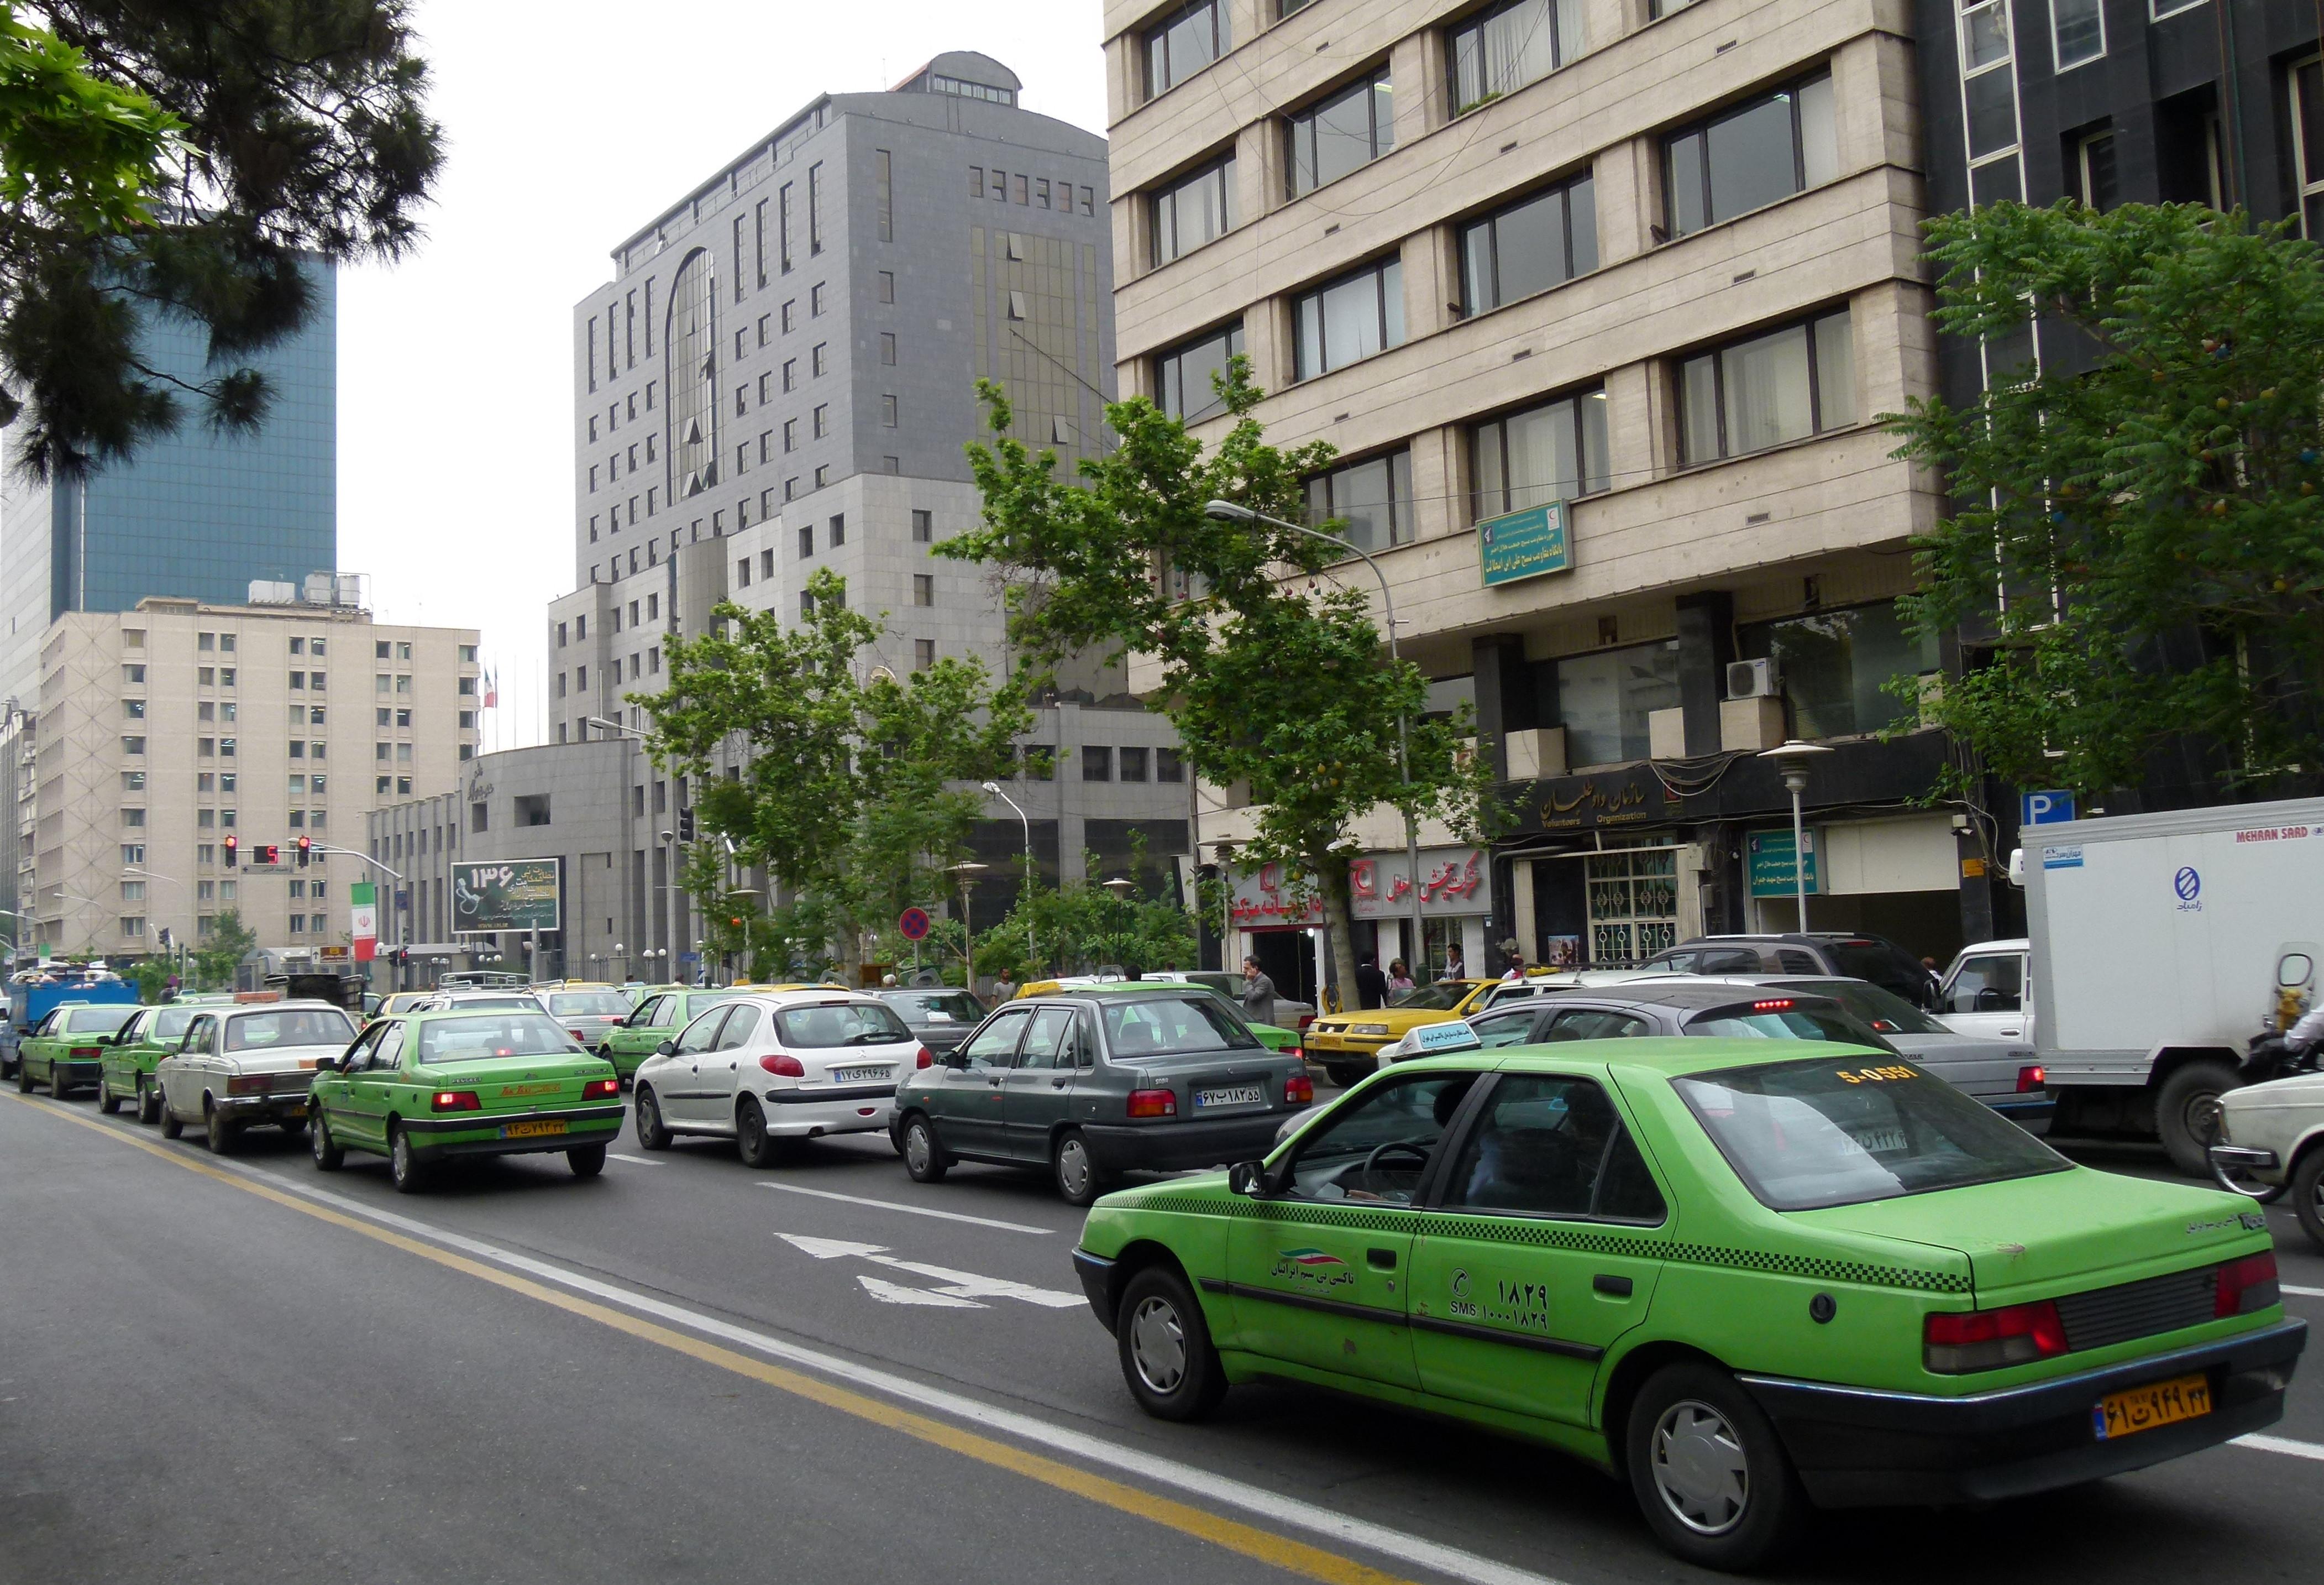 Straatbeeld in omgeving voormalige Amerikaanse ambassade (Taleqani Ave Teheran)